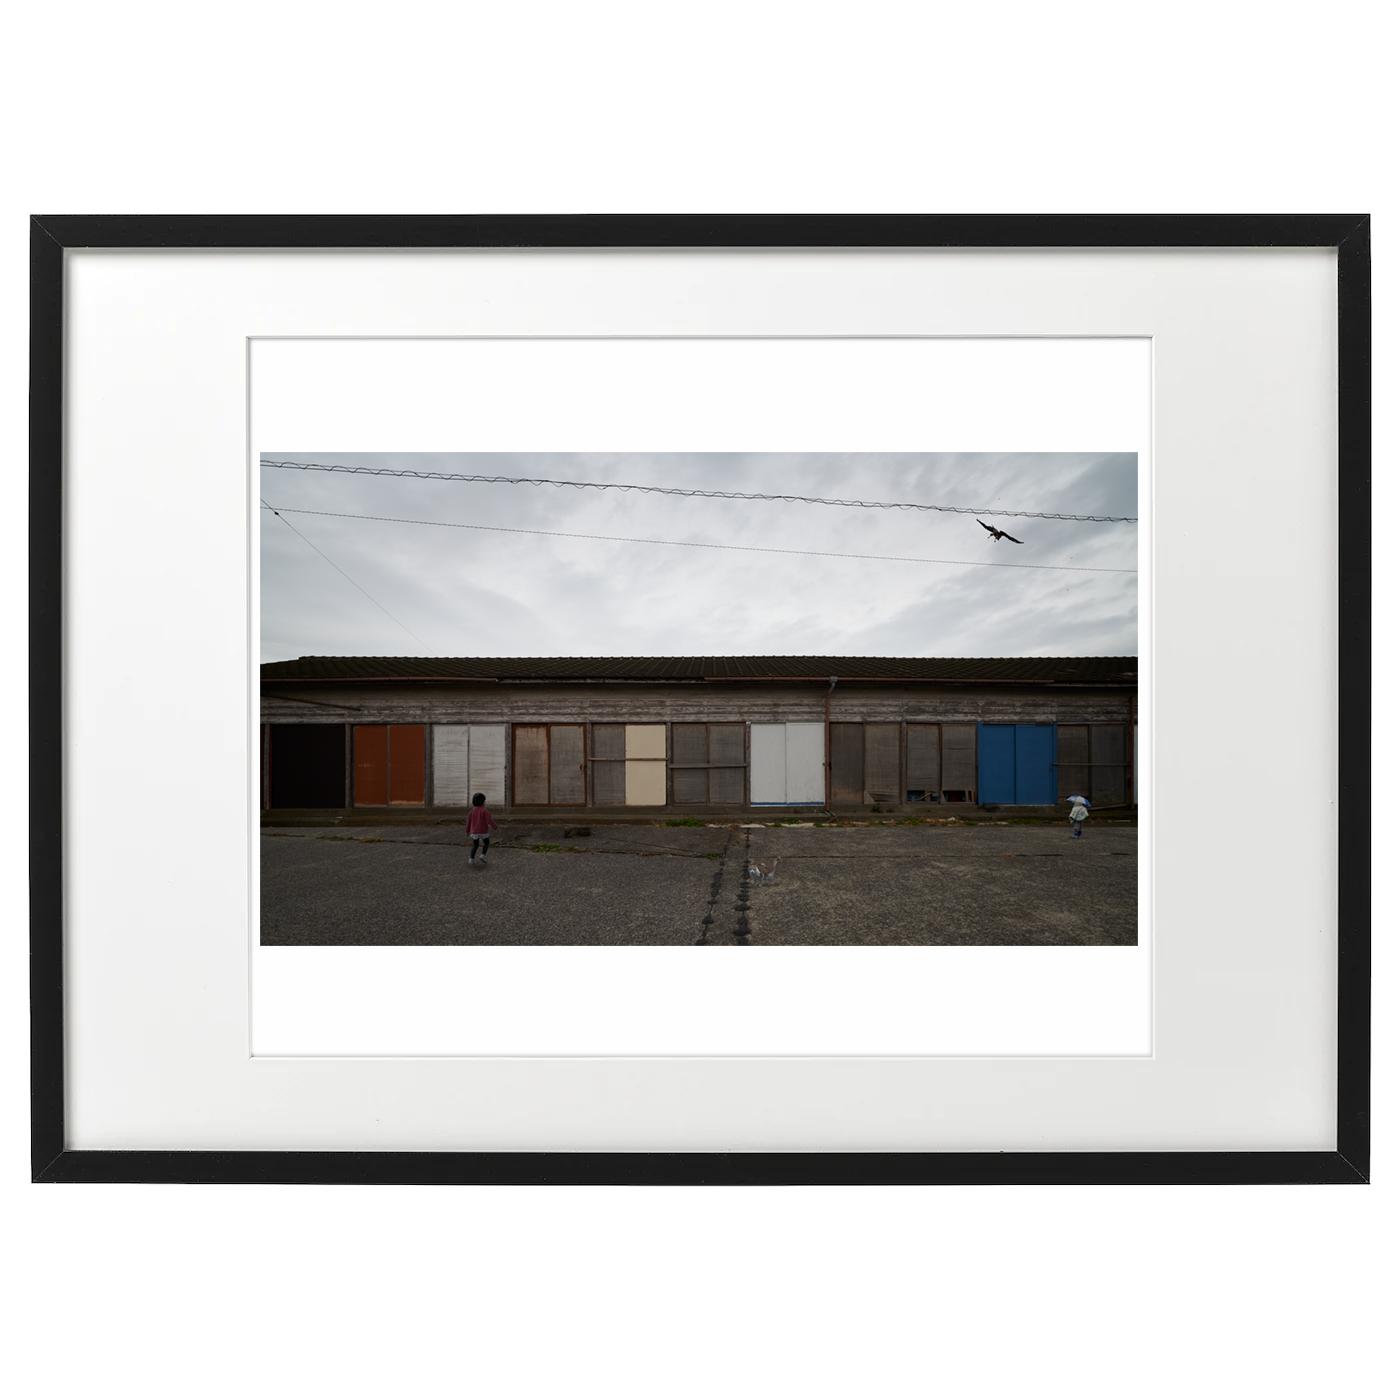 額装海景 20-045 漁具倉庫